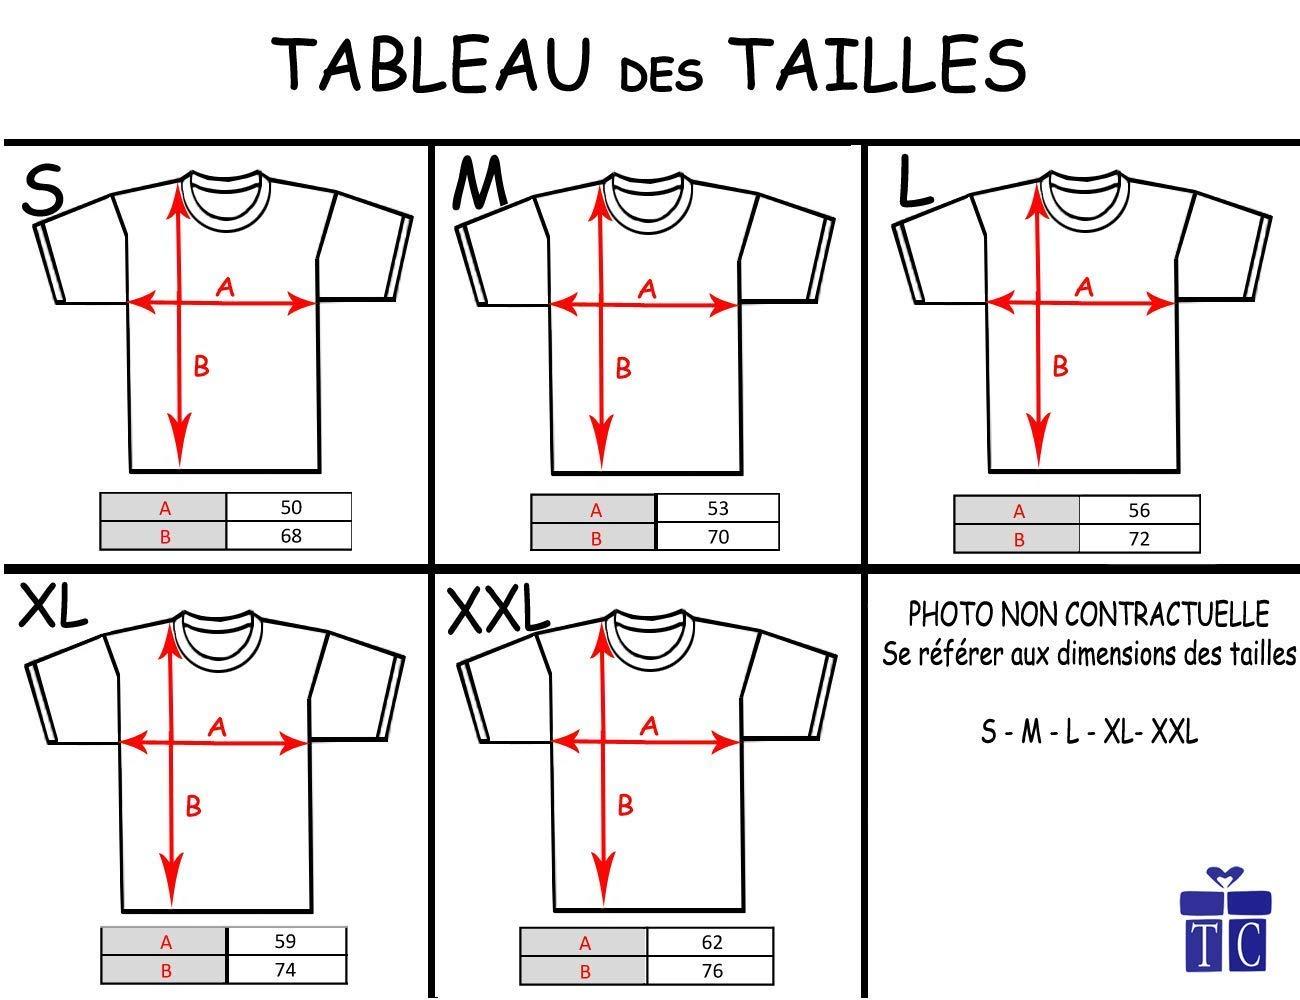 Hommes Texti Cadeaux Tee Shirt La Corse Personnalise Avec Un Prenom Exemple Dominique Produits Handmade Hotelaomori Co Jp